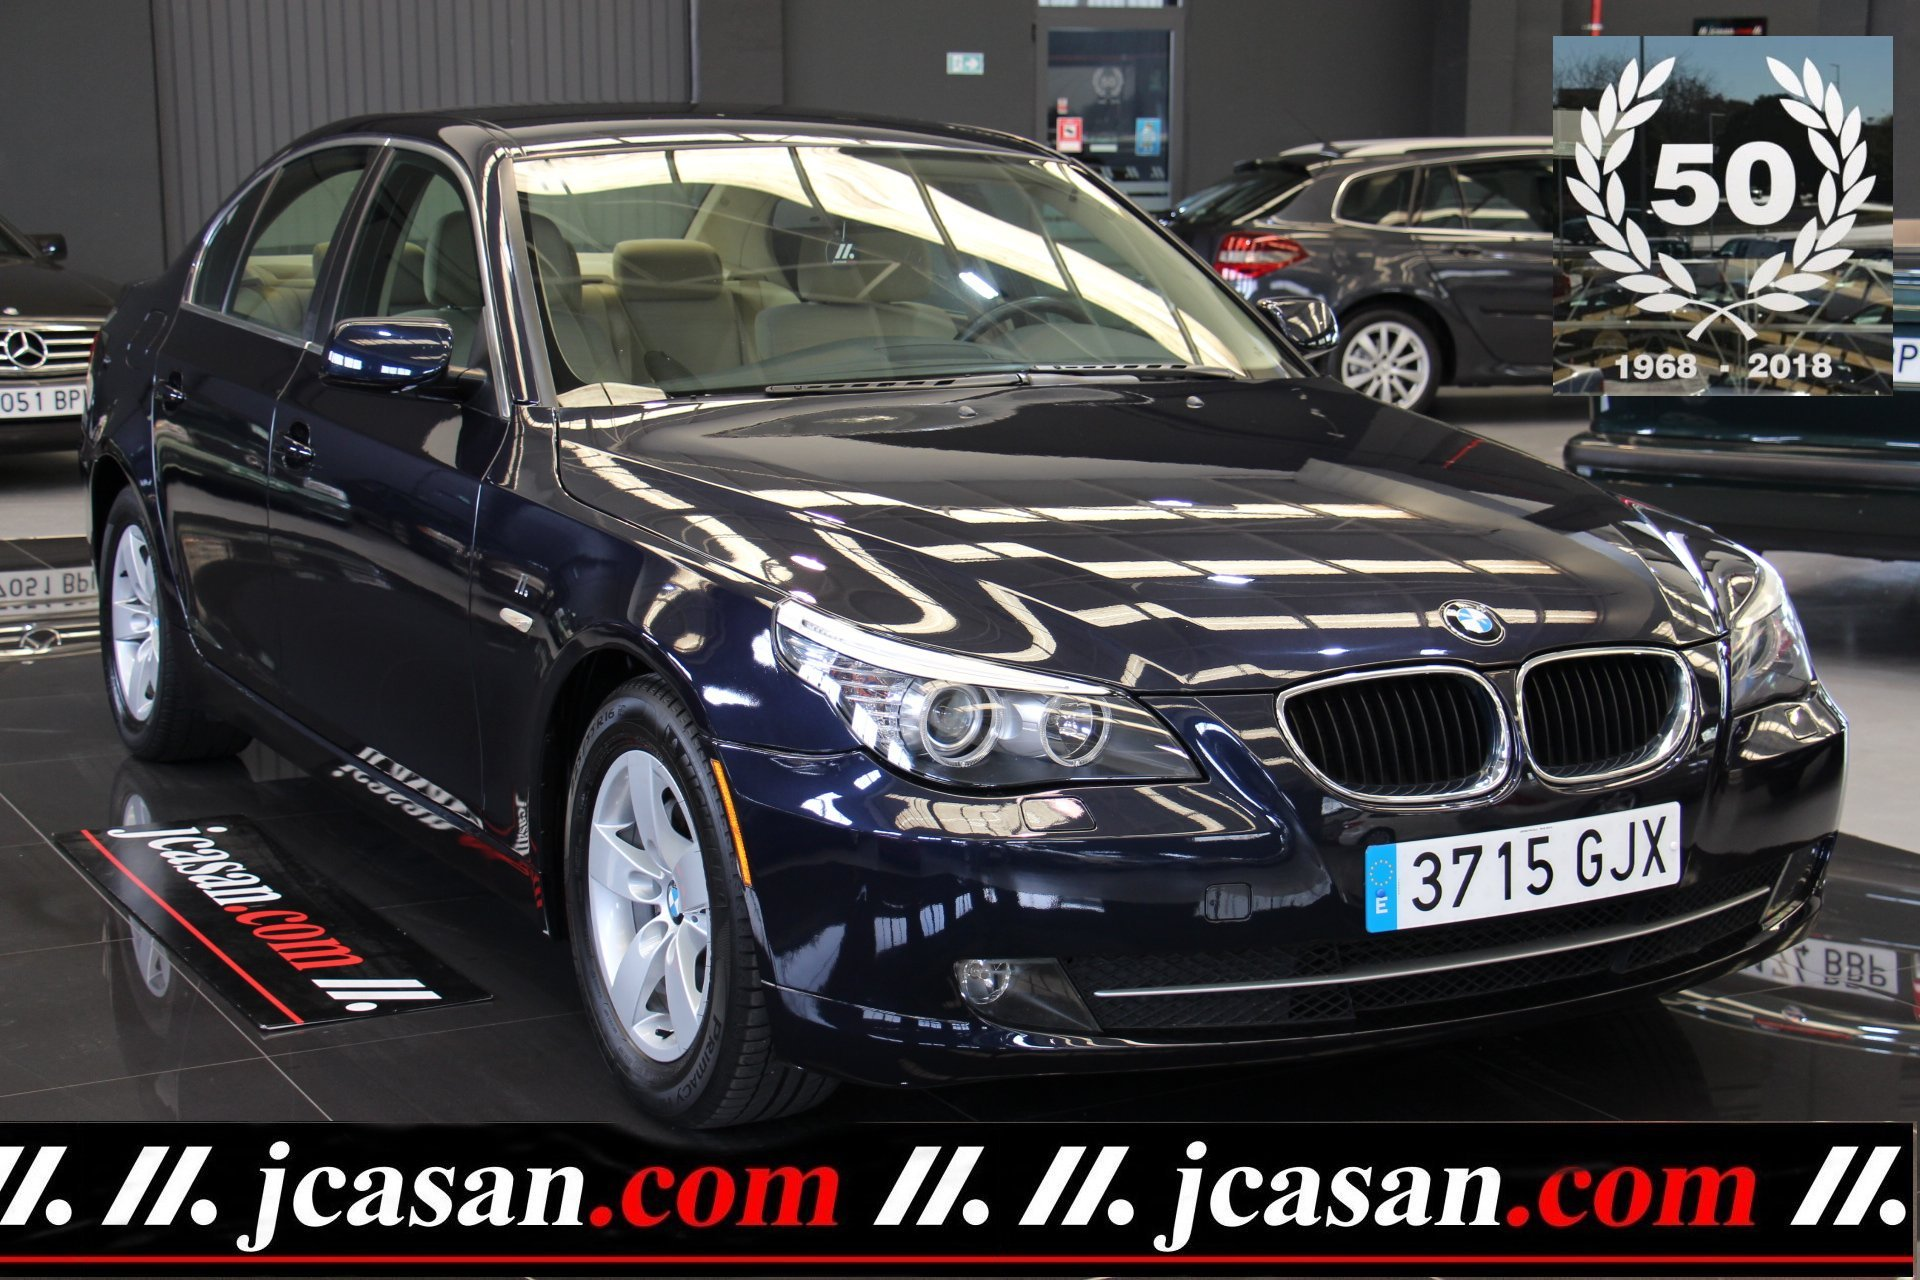 BMW 520d 177 CV 6 Velocidades